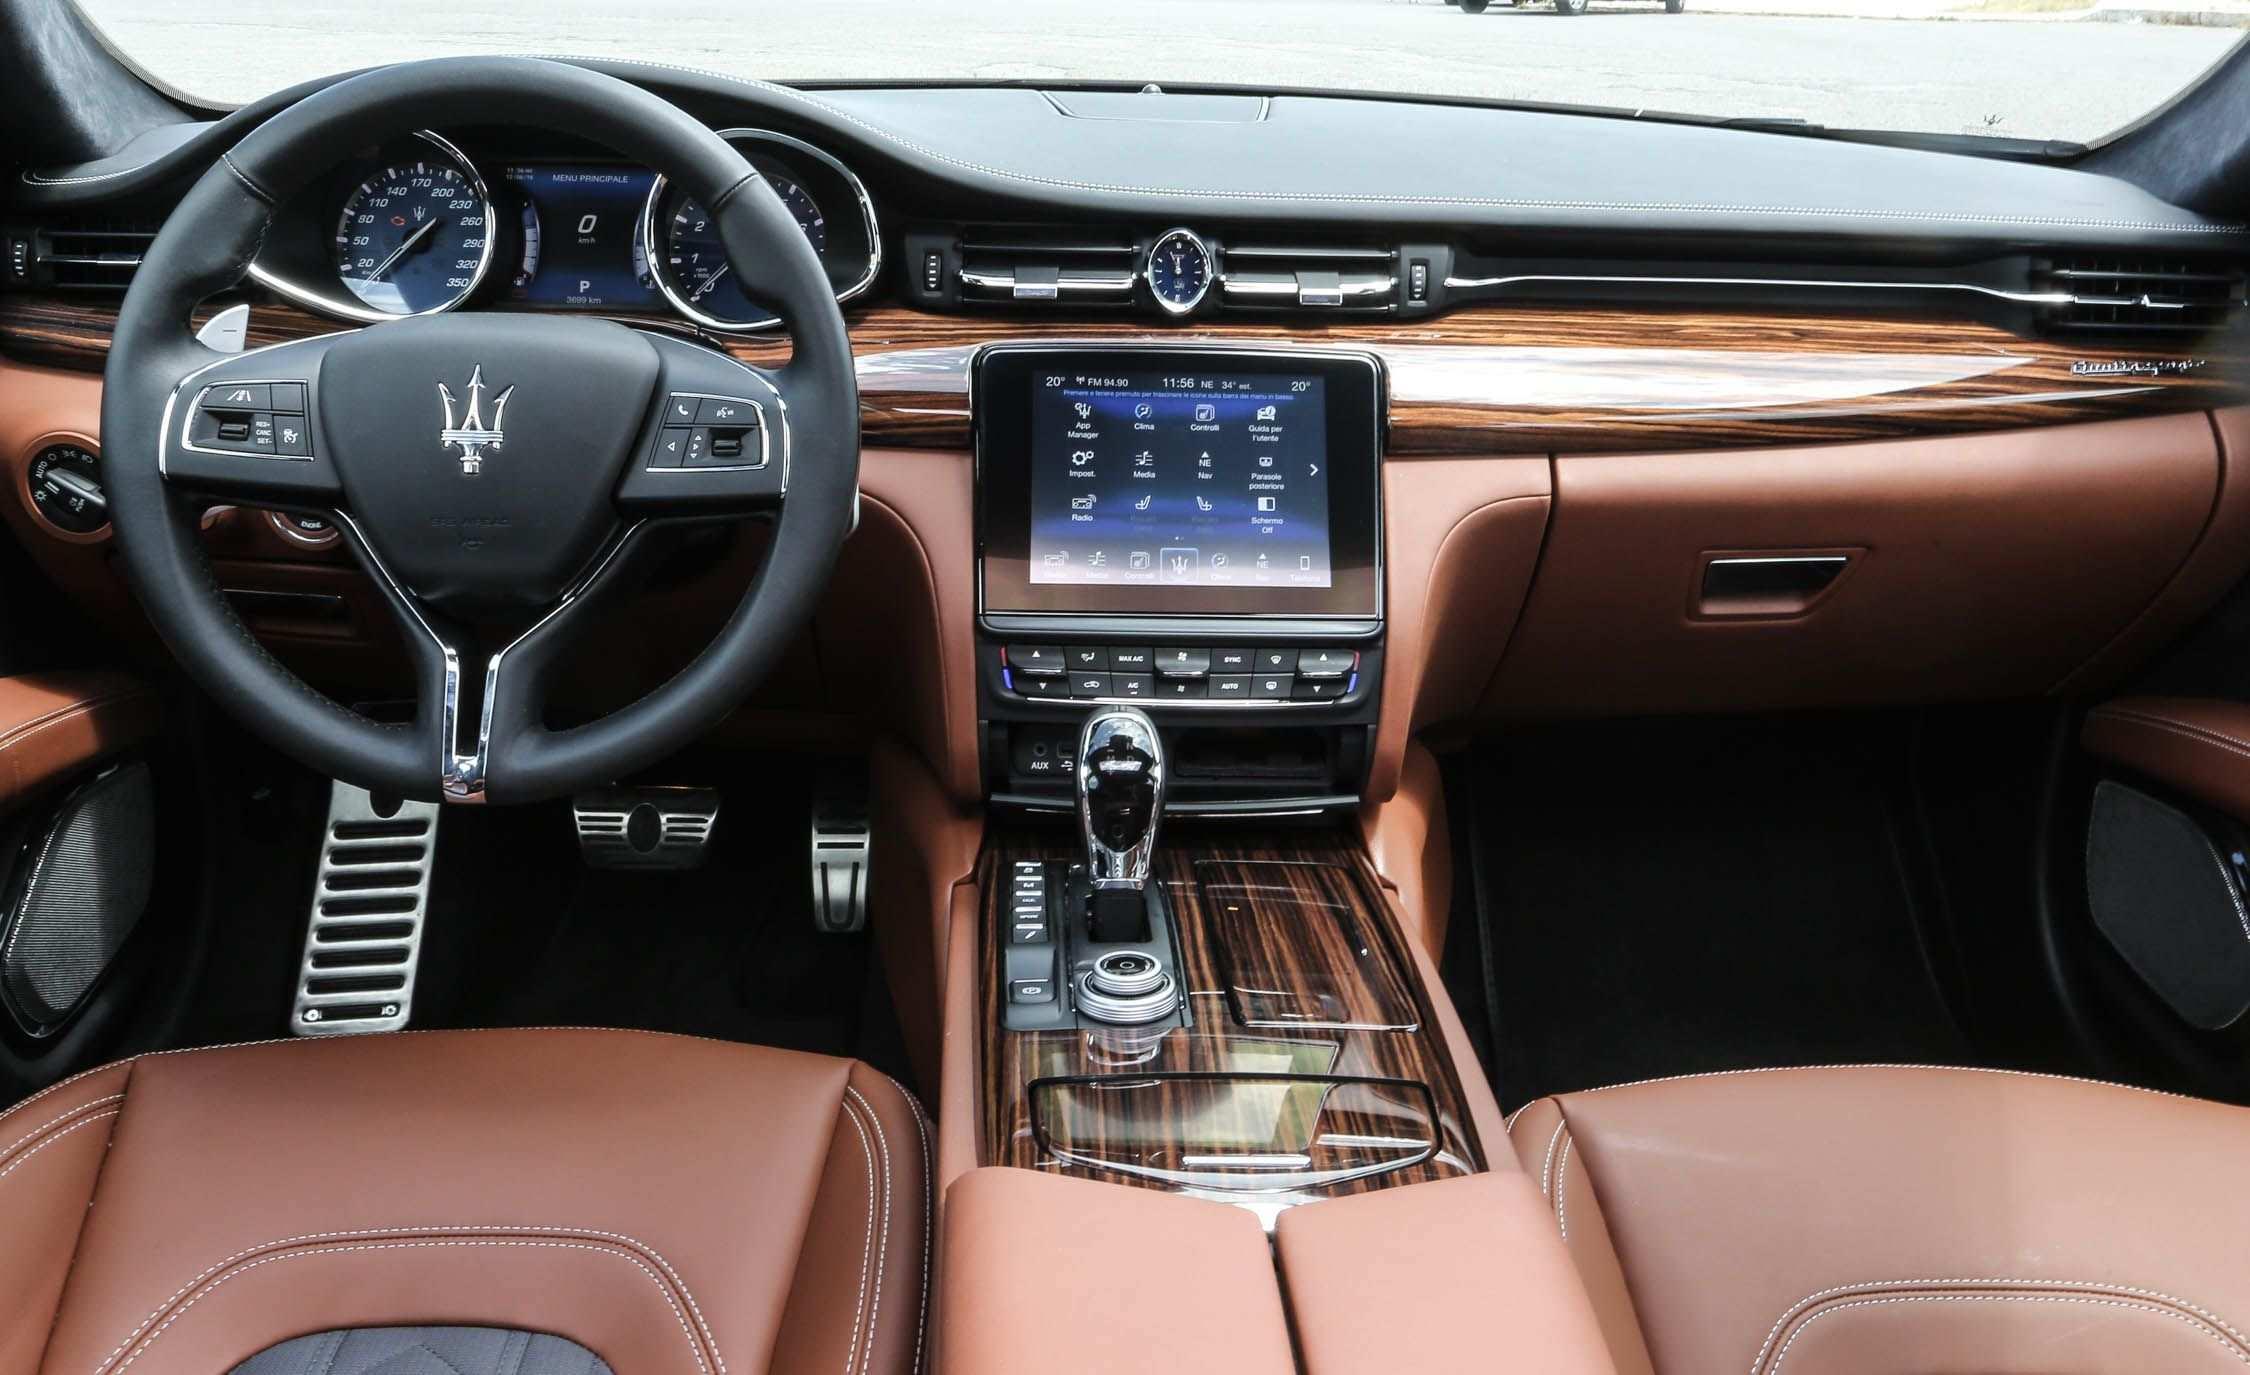 40 Great Maserati Quattroporte Gts 2019 Specs and Review for Maserati Quattroporte Gts 2019